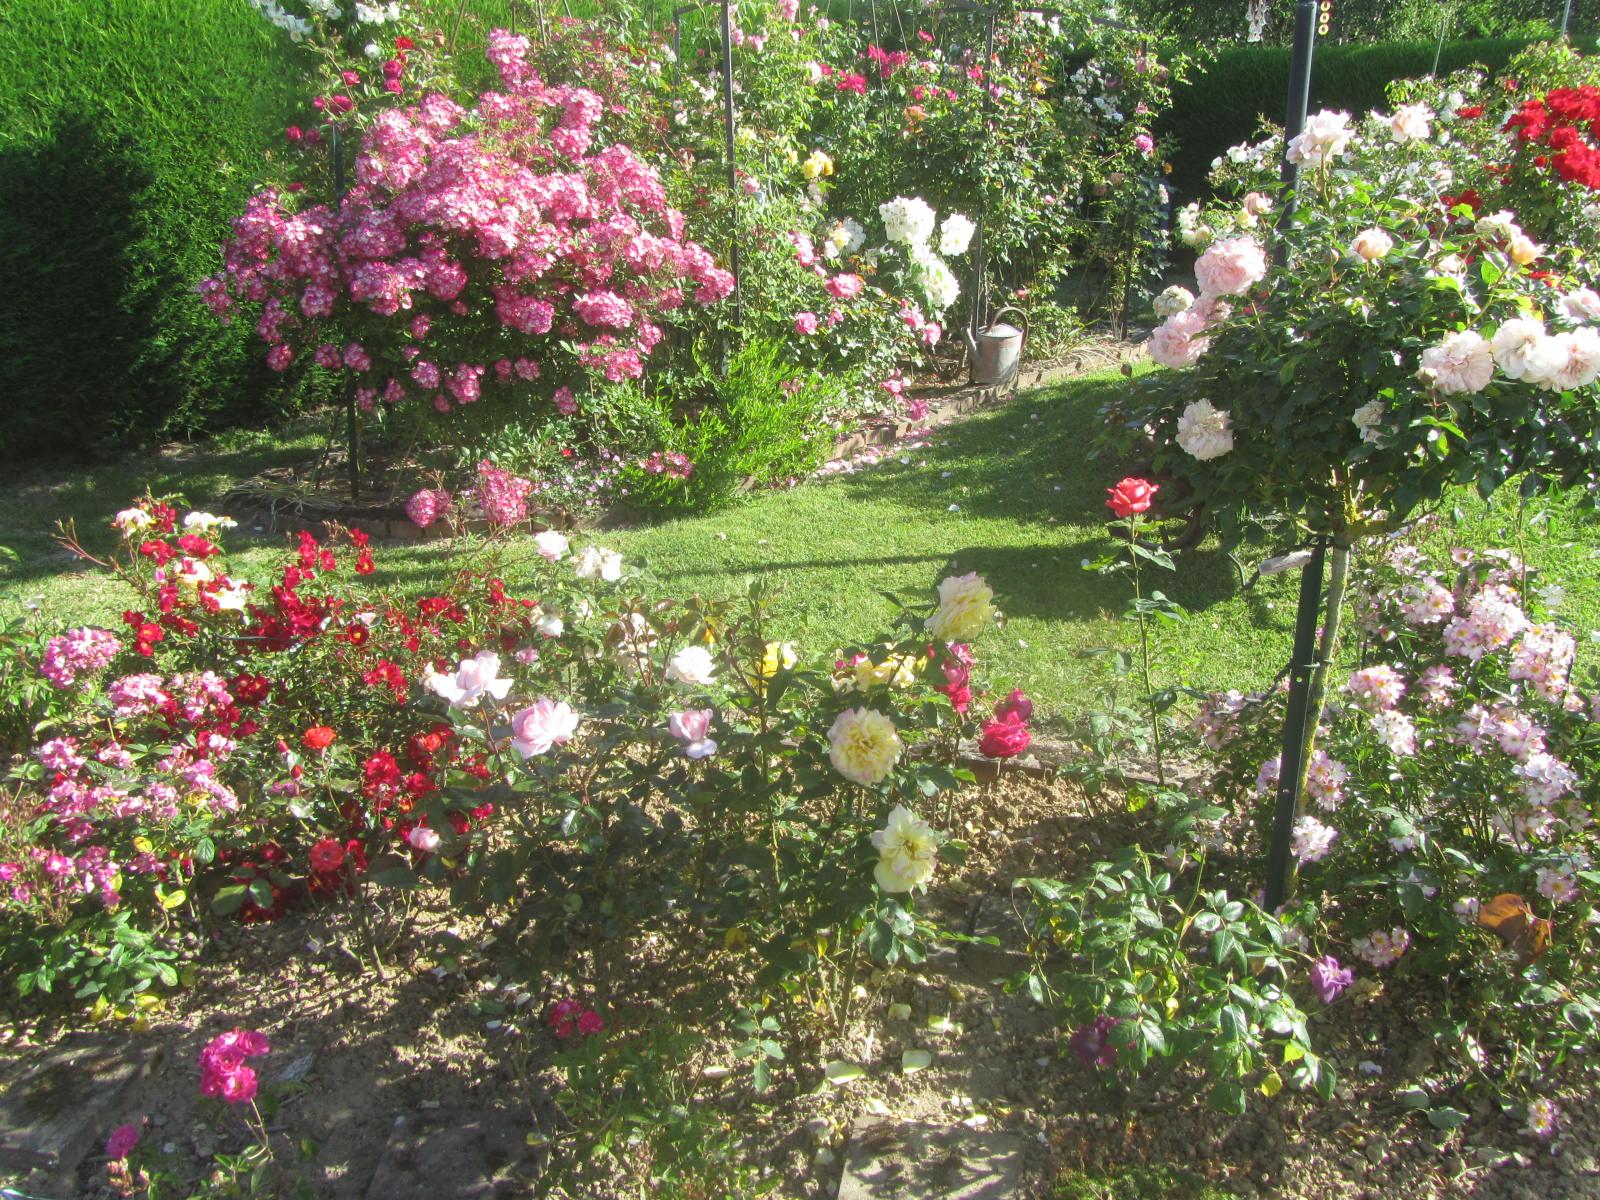 La roseraie de Brigitte à Cormeray dans le Loir-et-Cher (41)